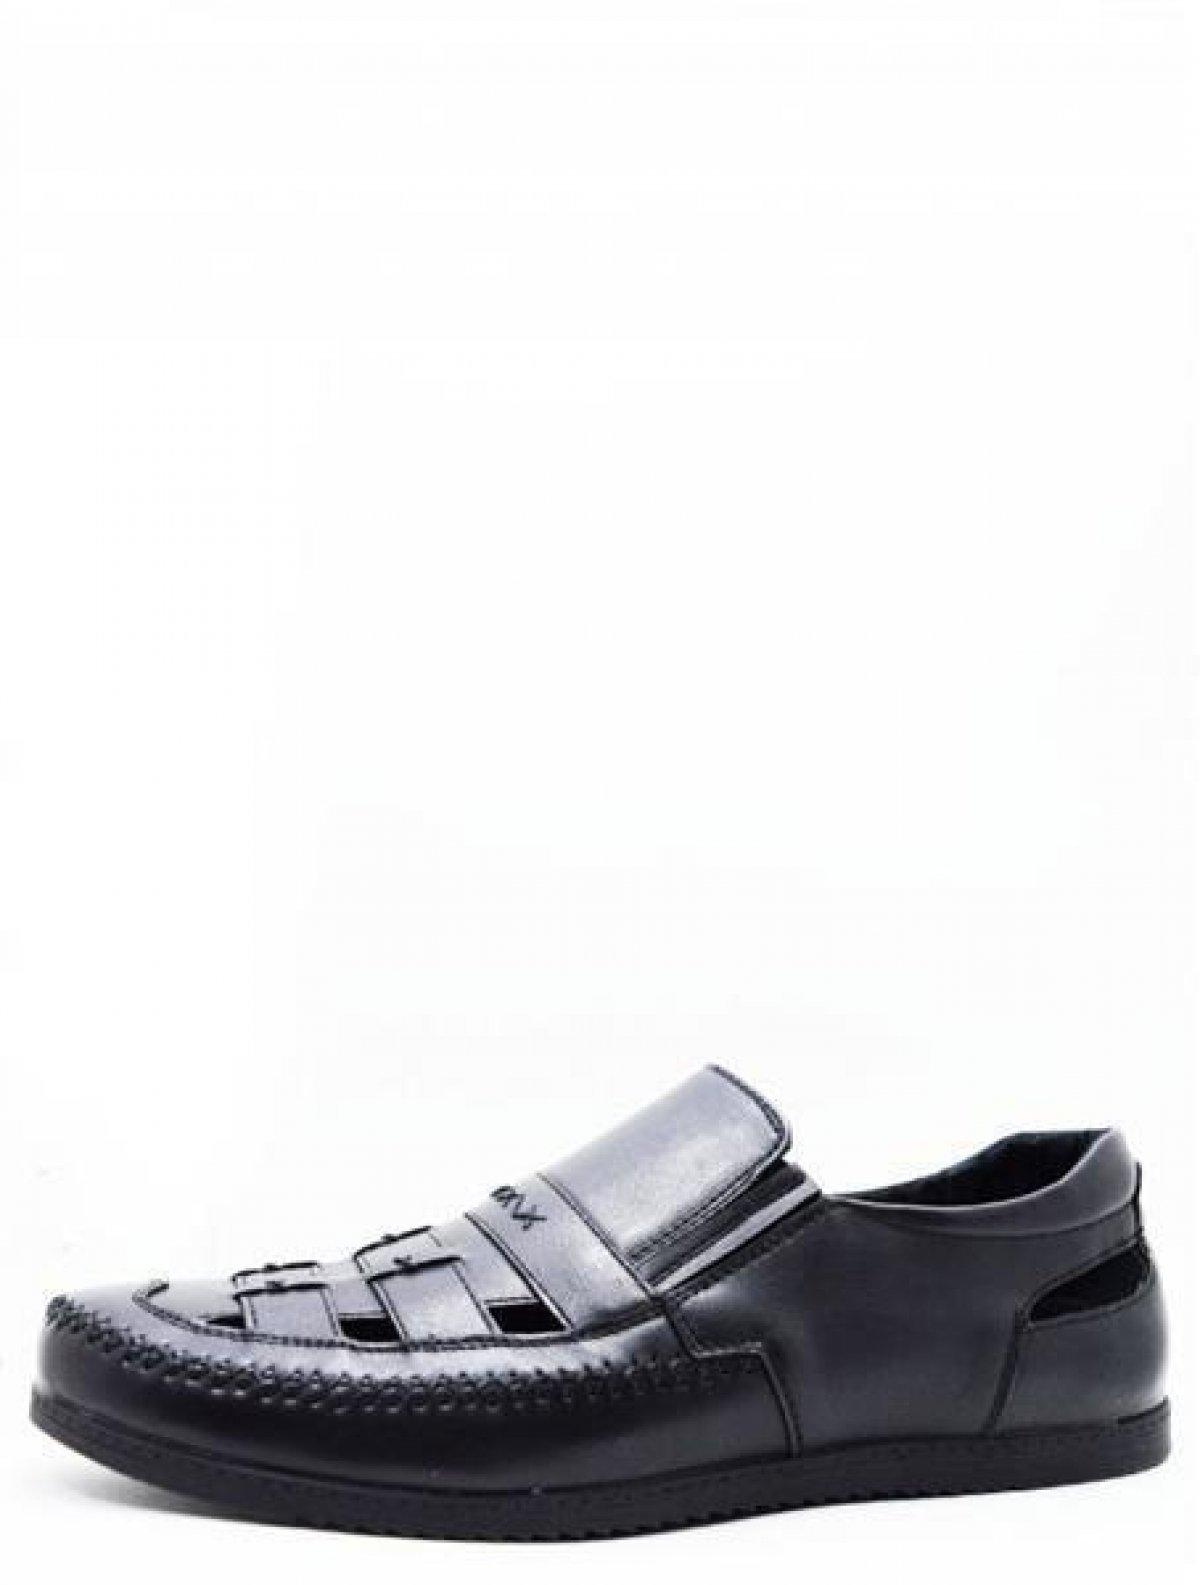 157181/01-01 туфли мужские